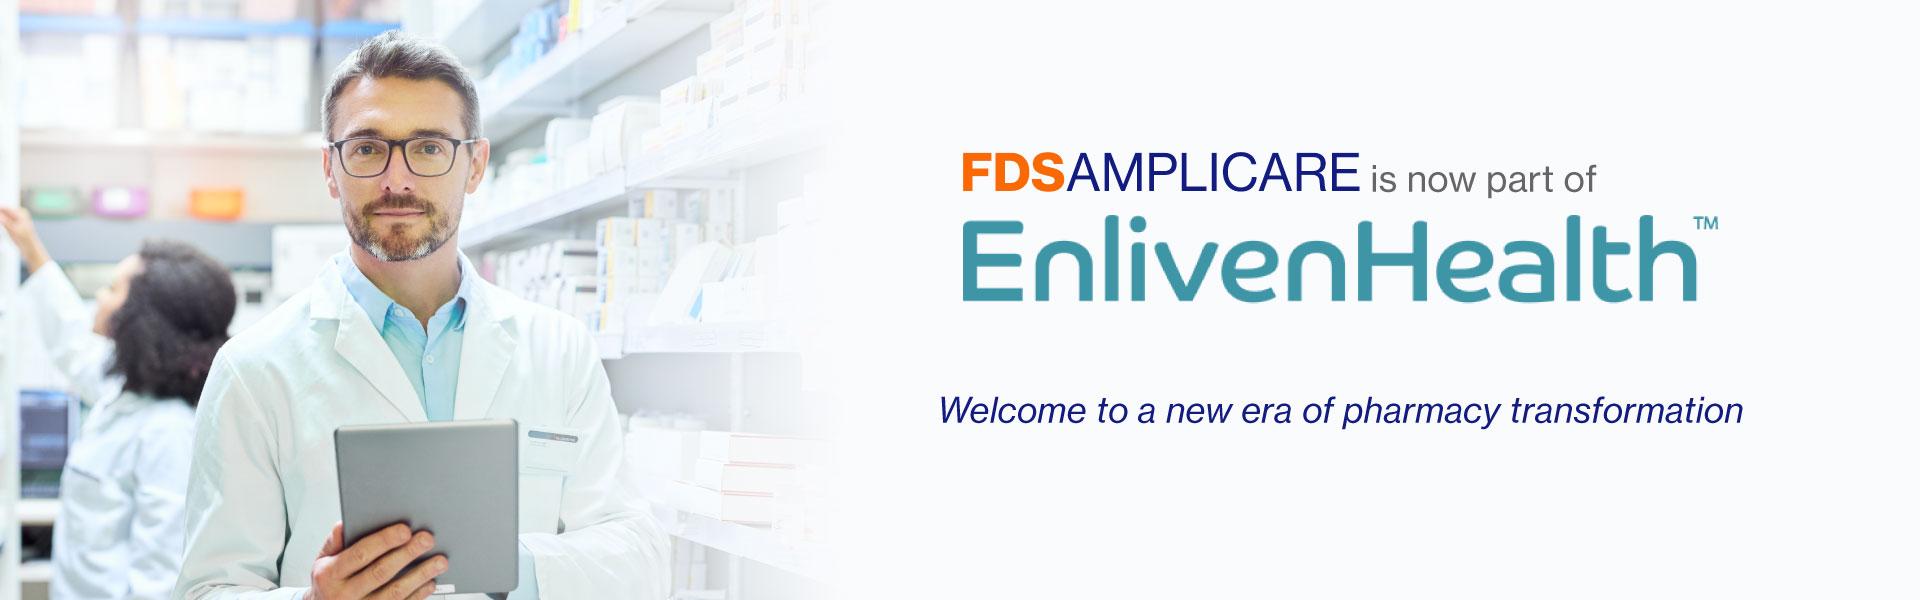 fds amplicare joins enlivenhealth